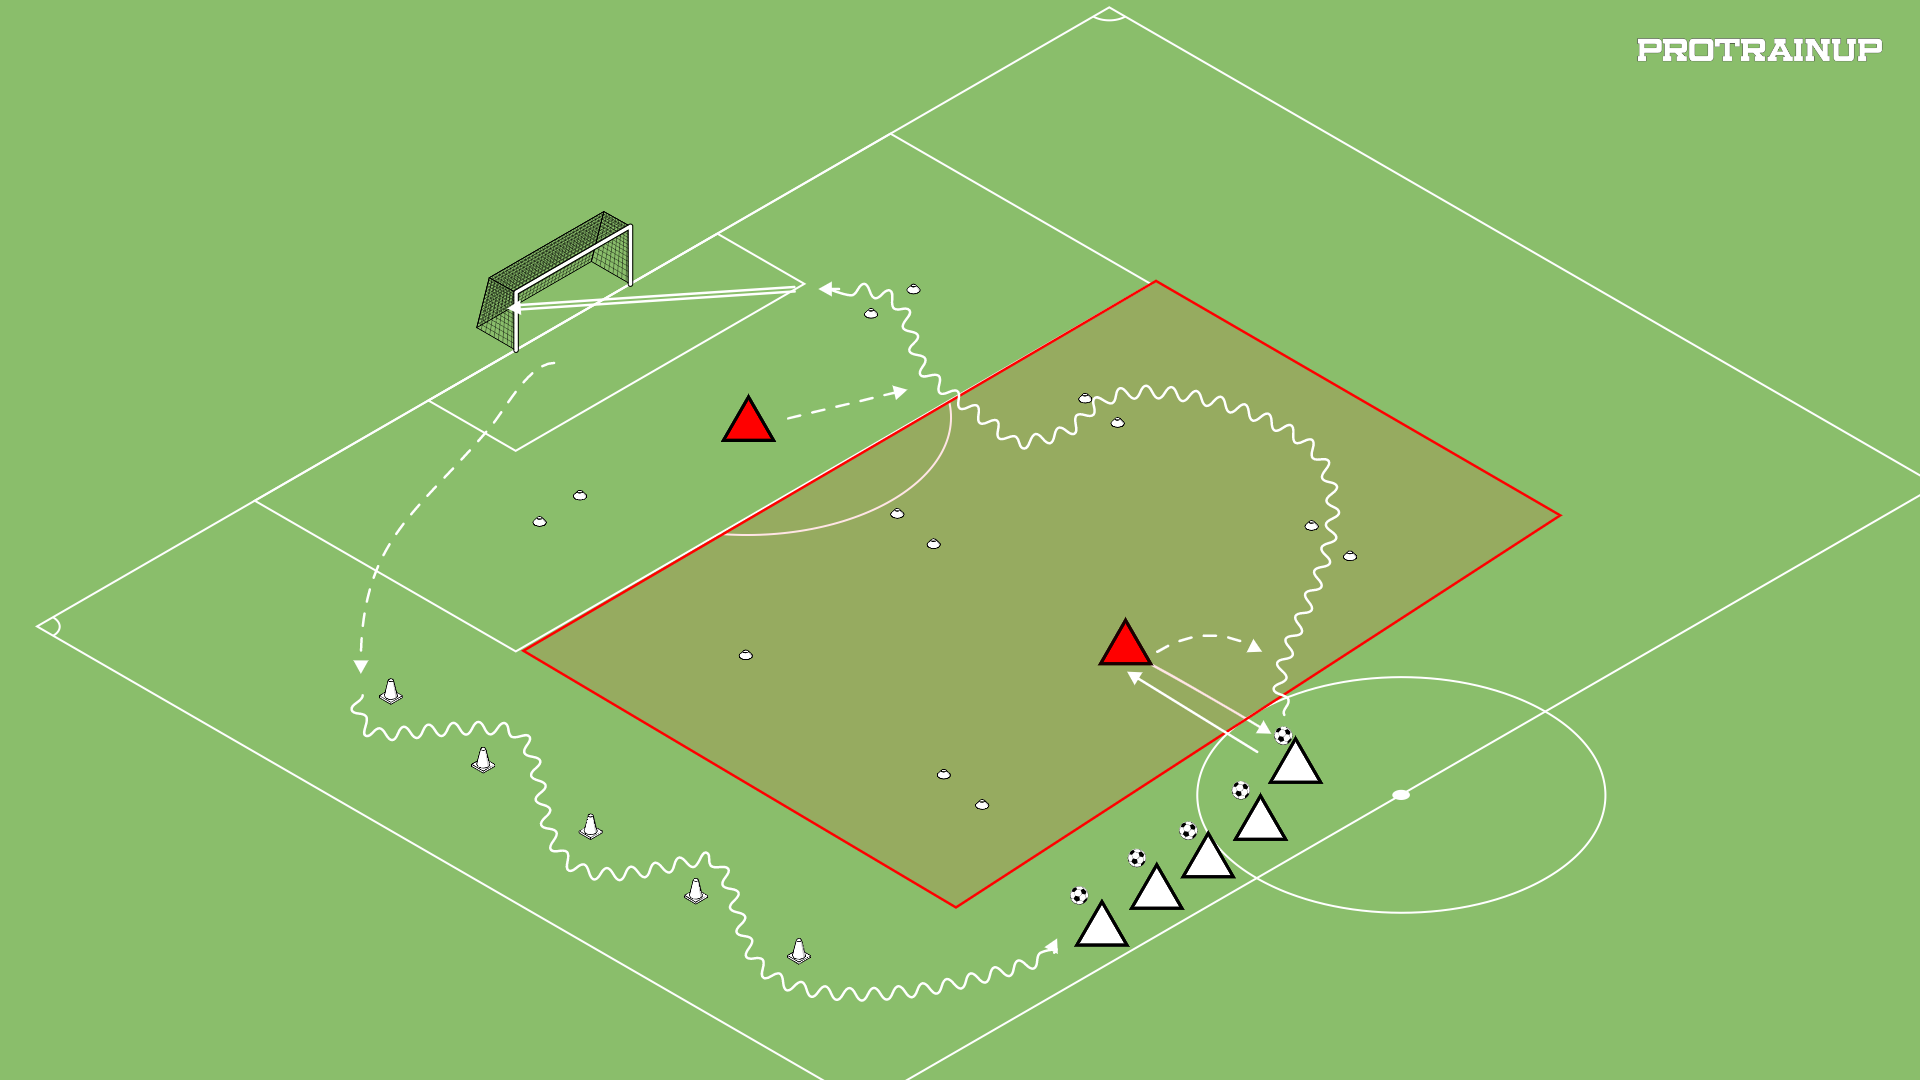 Gra 1v2 w 2 strefach - wprowadzamy piłkę w pole karne